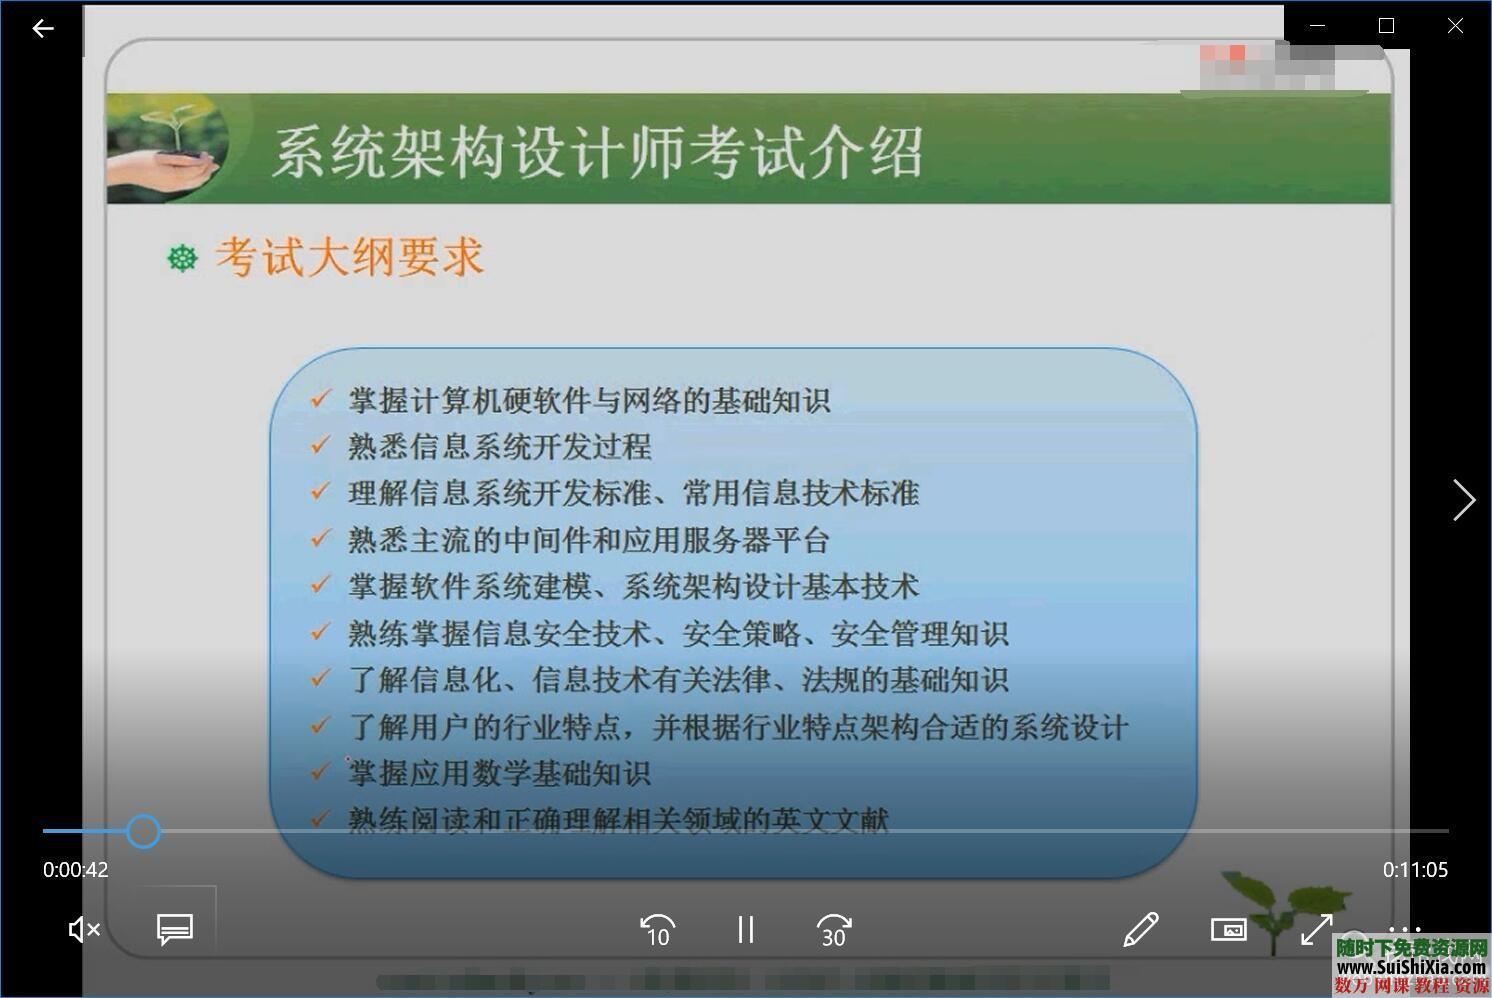 19.4G软考系统架构设计师视频考试历年真题答案解析和文本资料 第6张